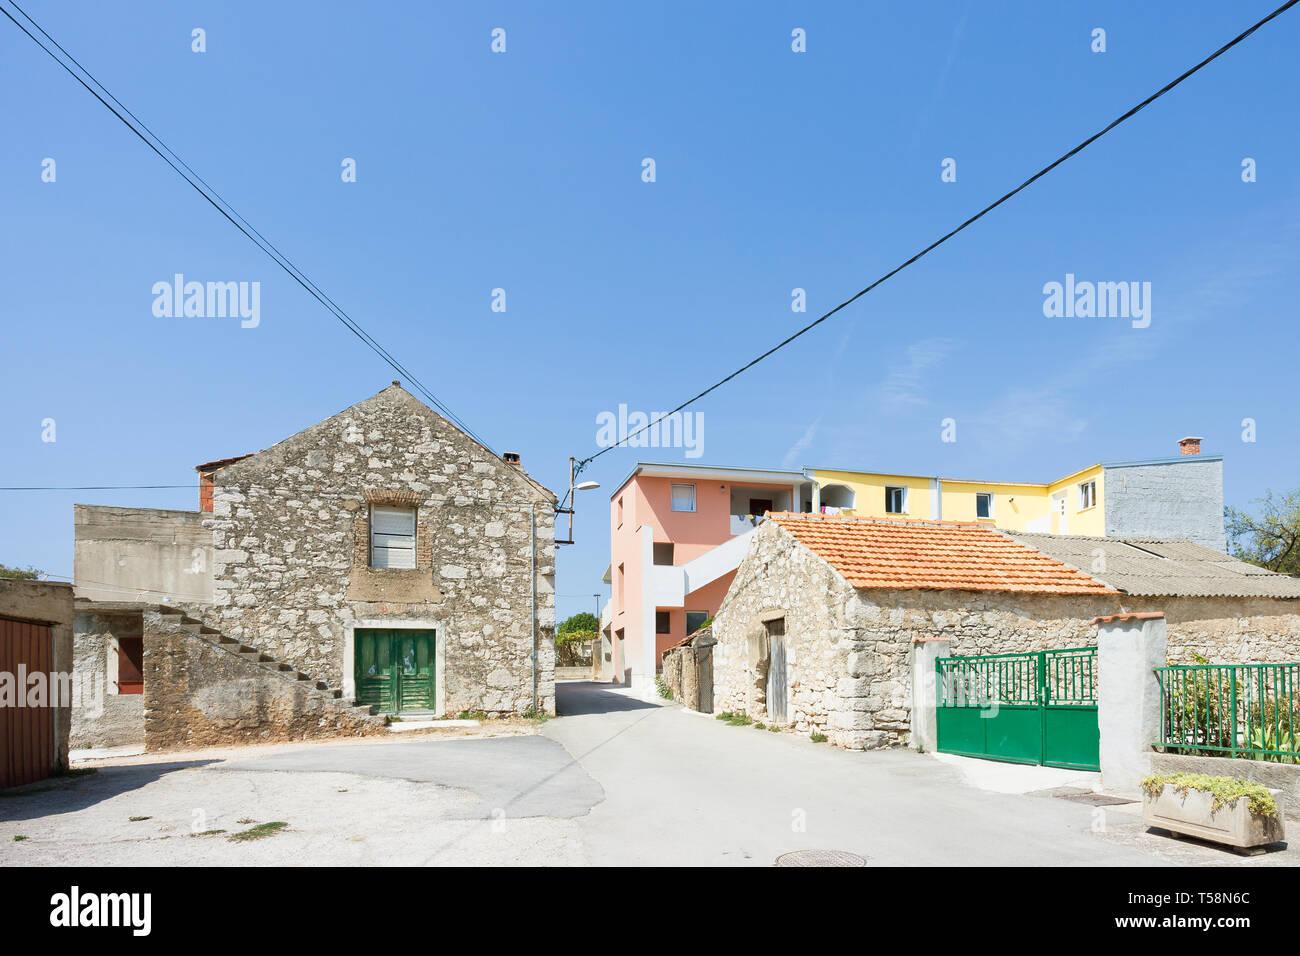 Pakostane, Kroatien, Europa - Traditionelle landwirtschaftliche Häuser im Hinterland von Zadar Stockfoto